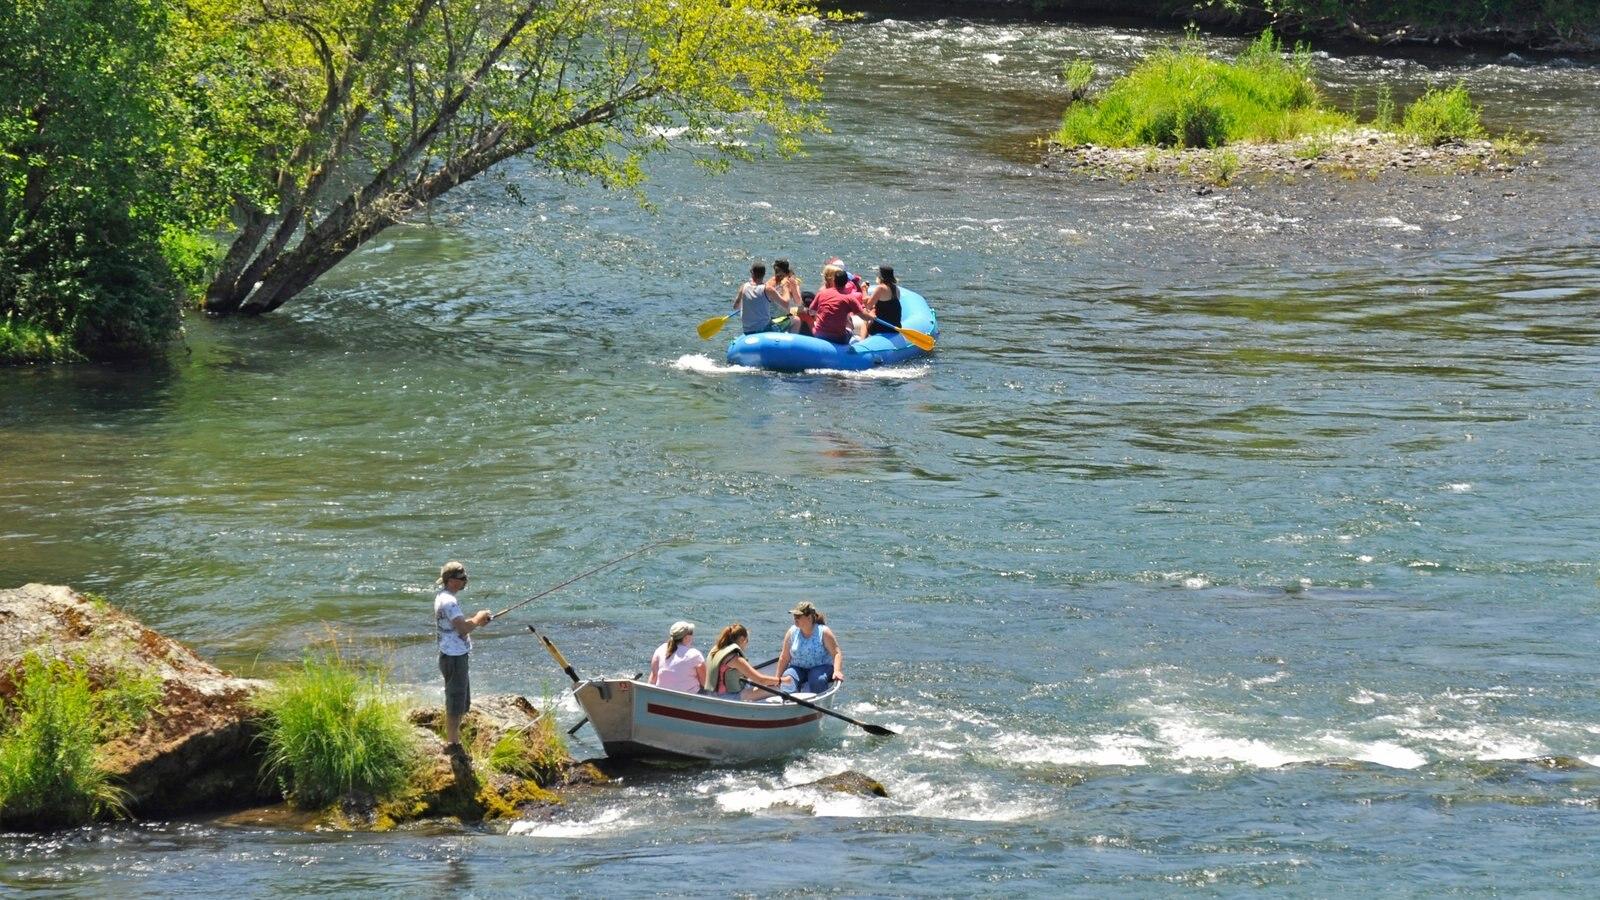 Medford que incluye rafting, un río o arroyo y pesca